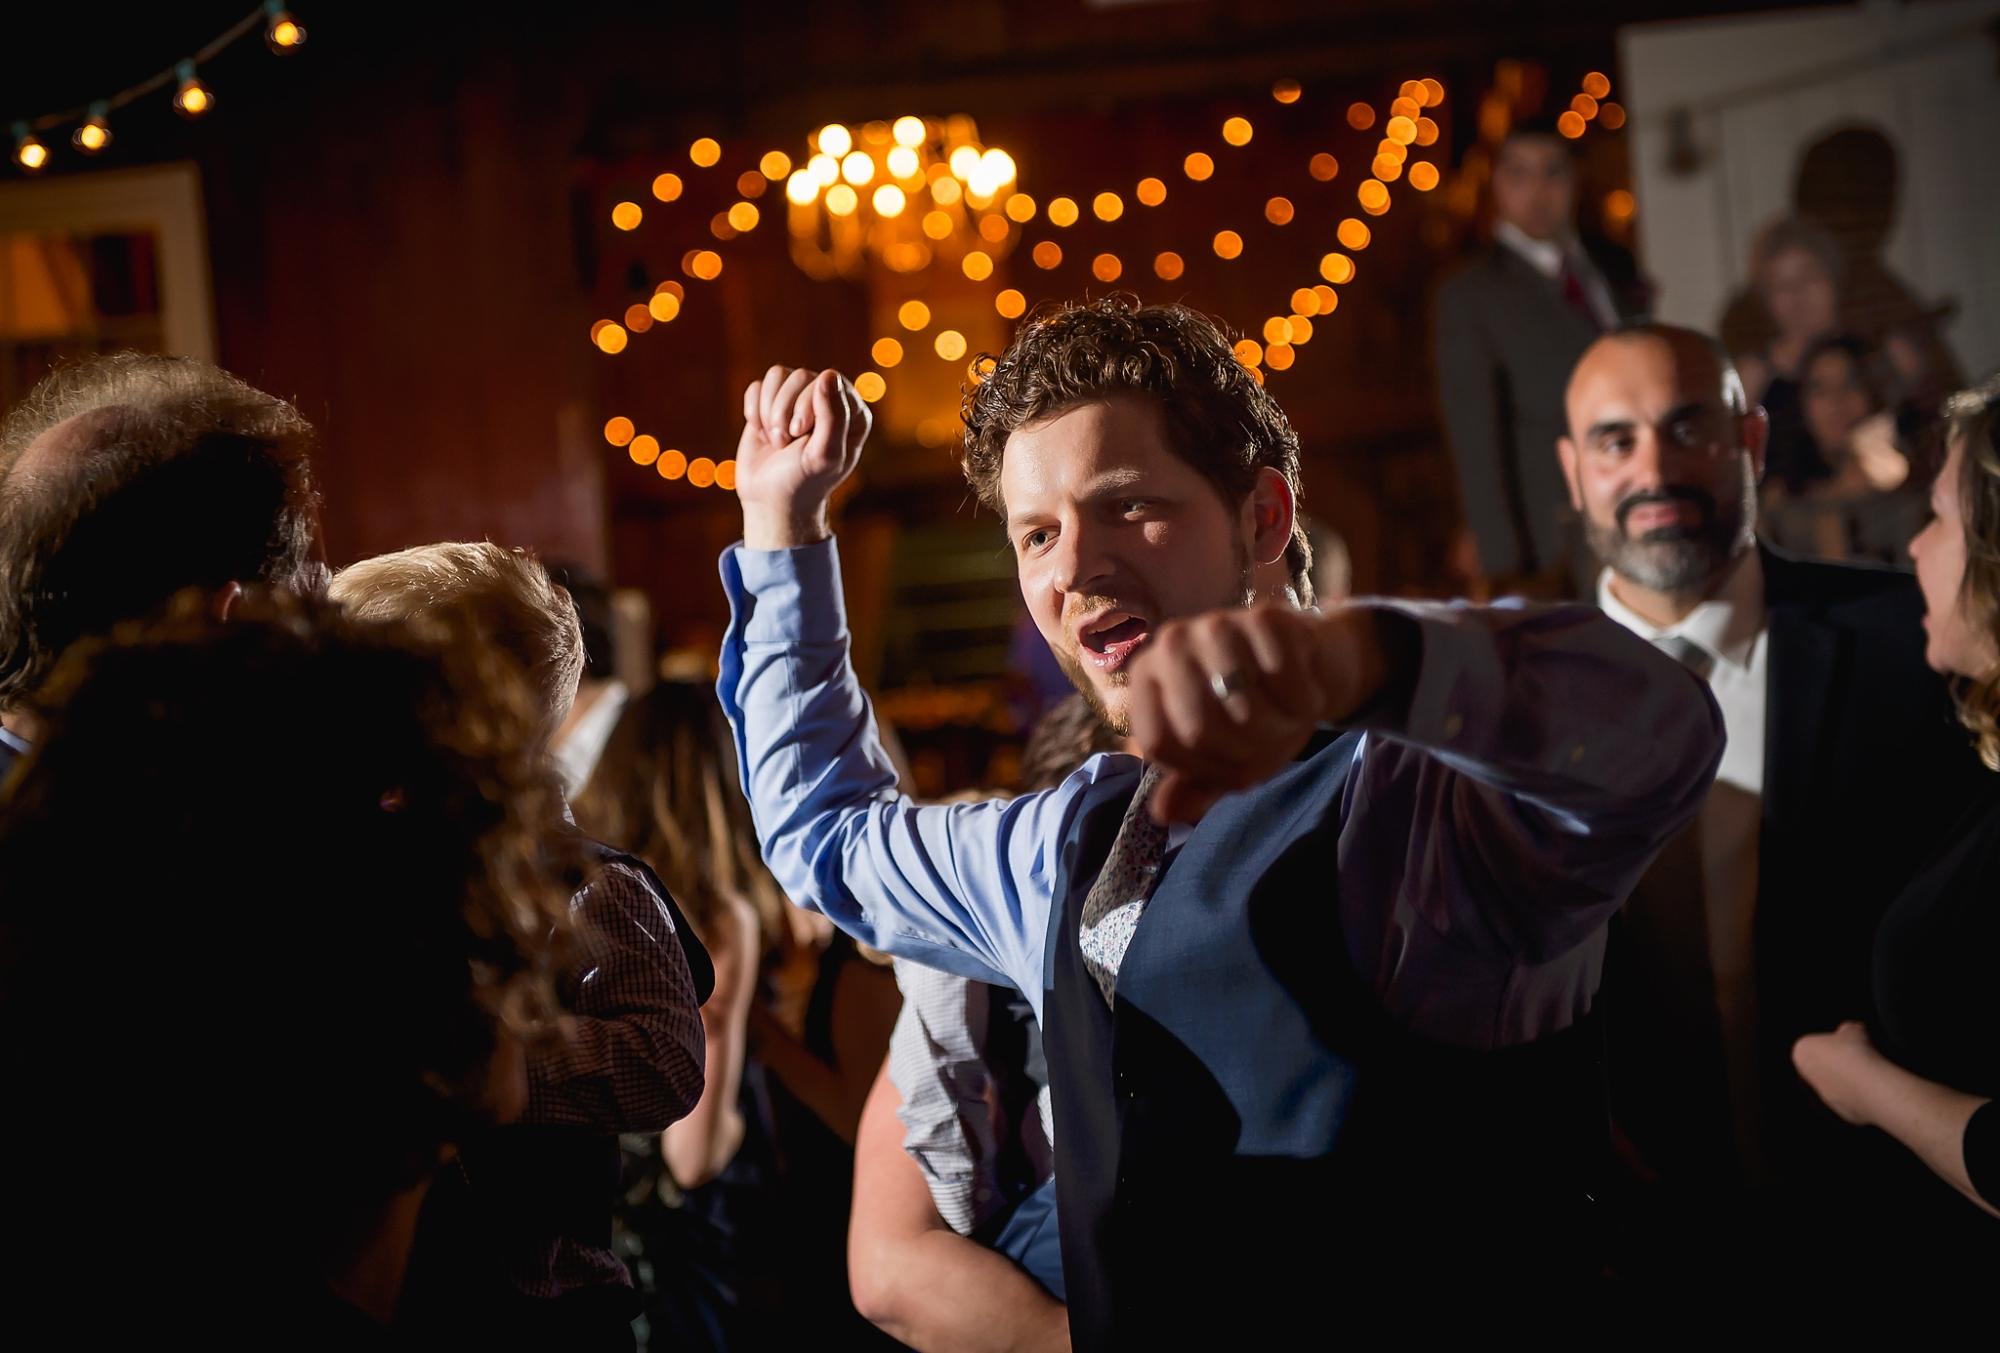 Jacks-Barn-Wedding-Photography53